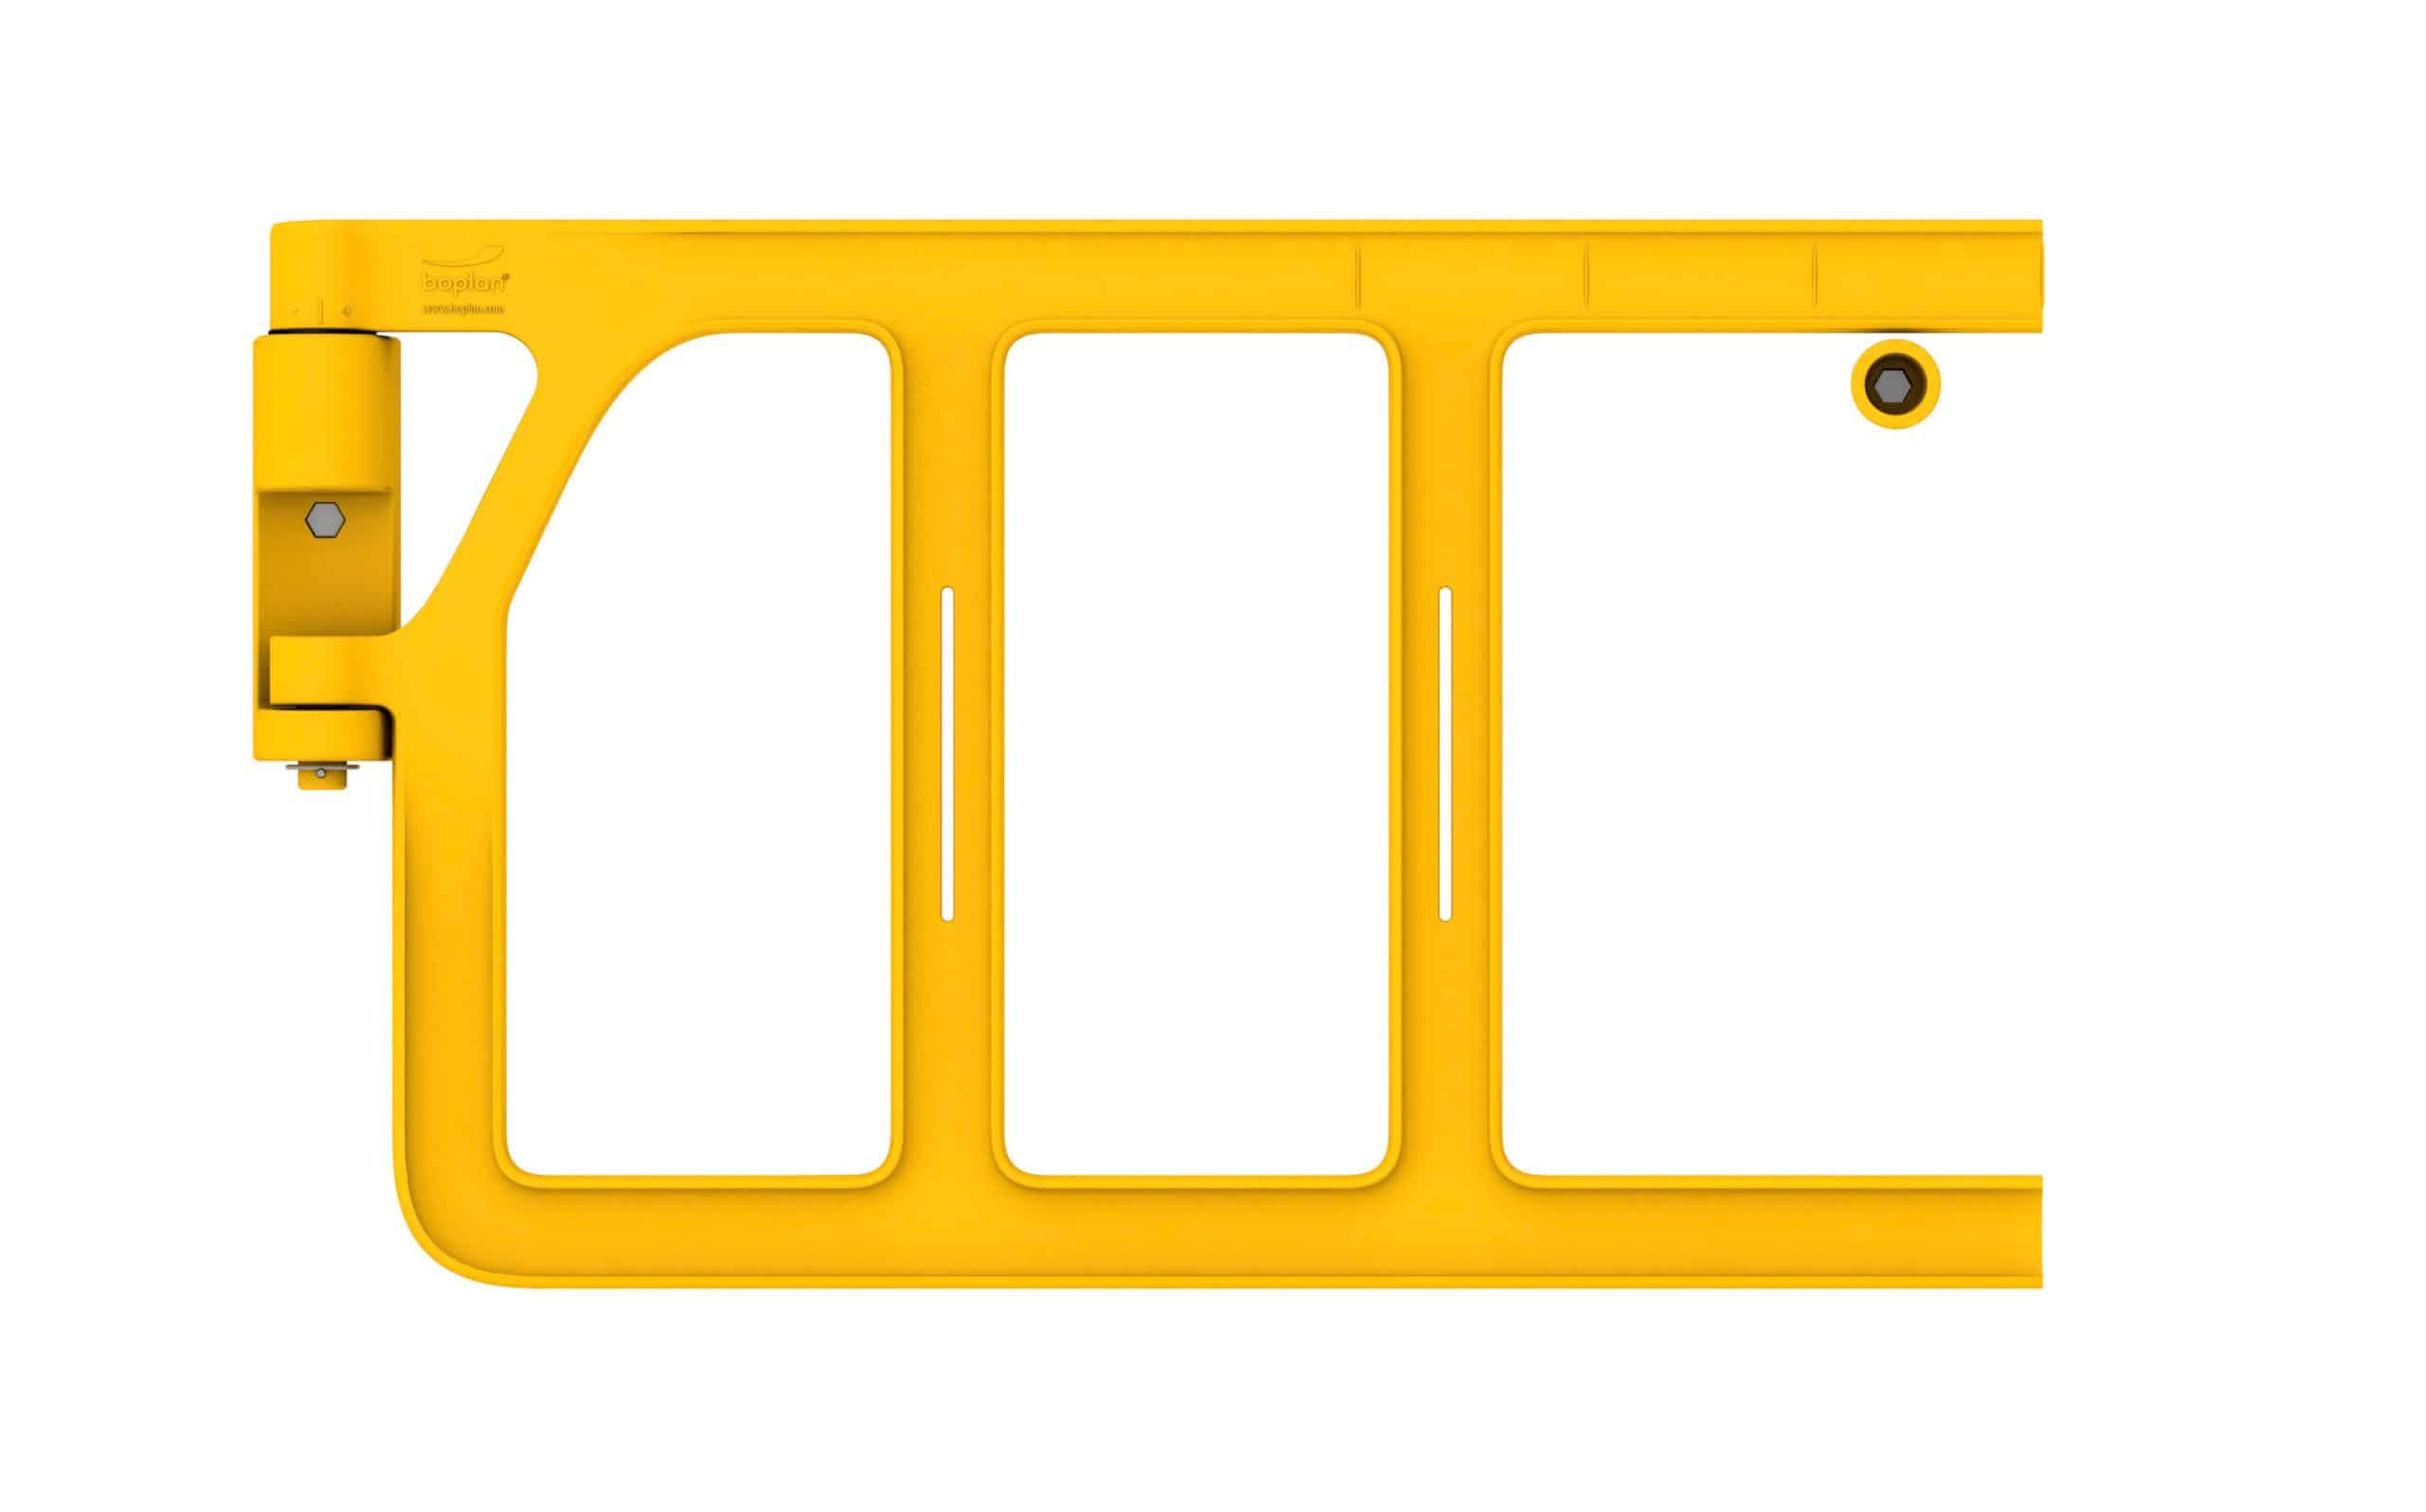 Sicherheitstür selbstschließende Absturzsicherung zuschneidbar boplan® Double Axes gate – Länge 1200mm – gelb